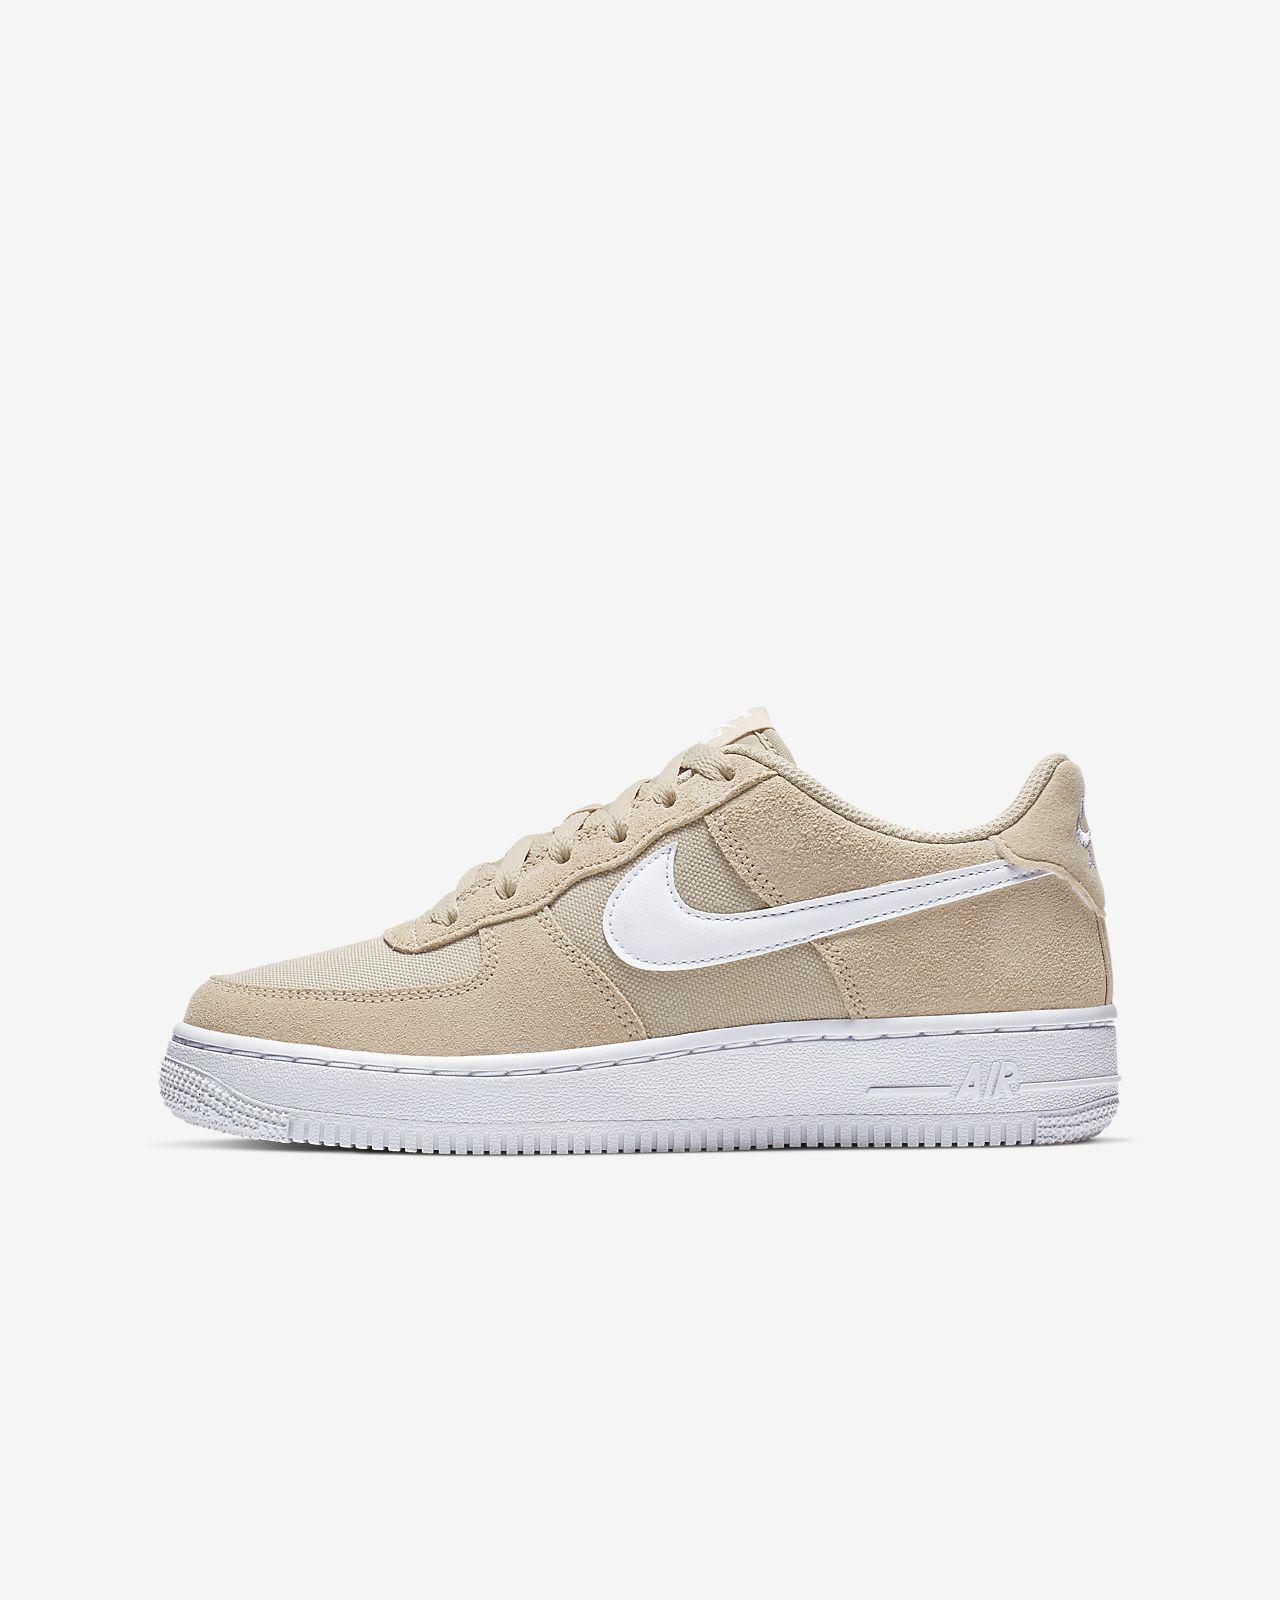 new concept 1f2b3 46579 ... Chaussure Nike Air Force 1 PE pour Enfant plus âgé